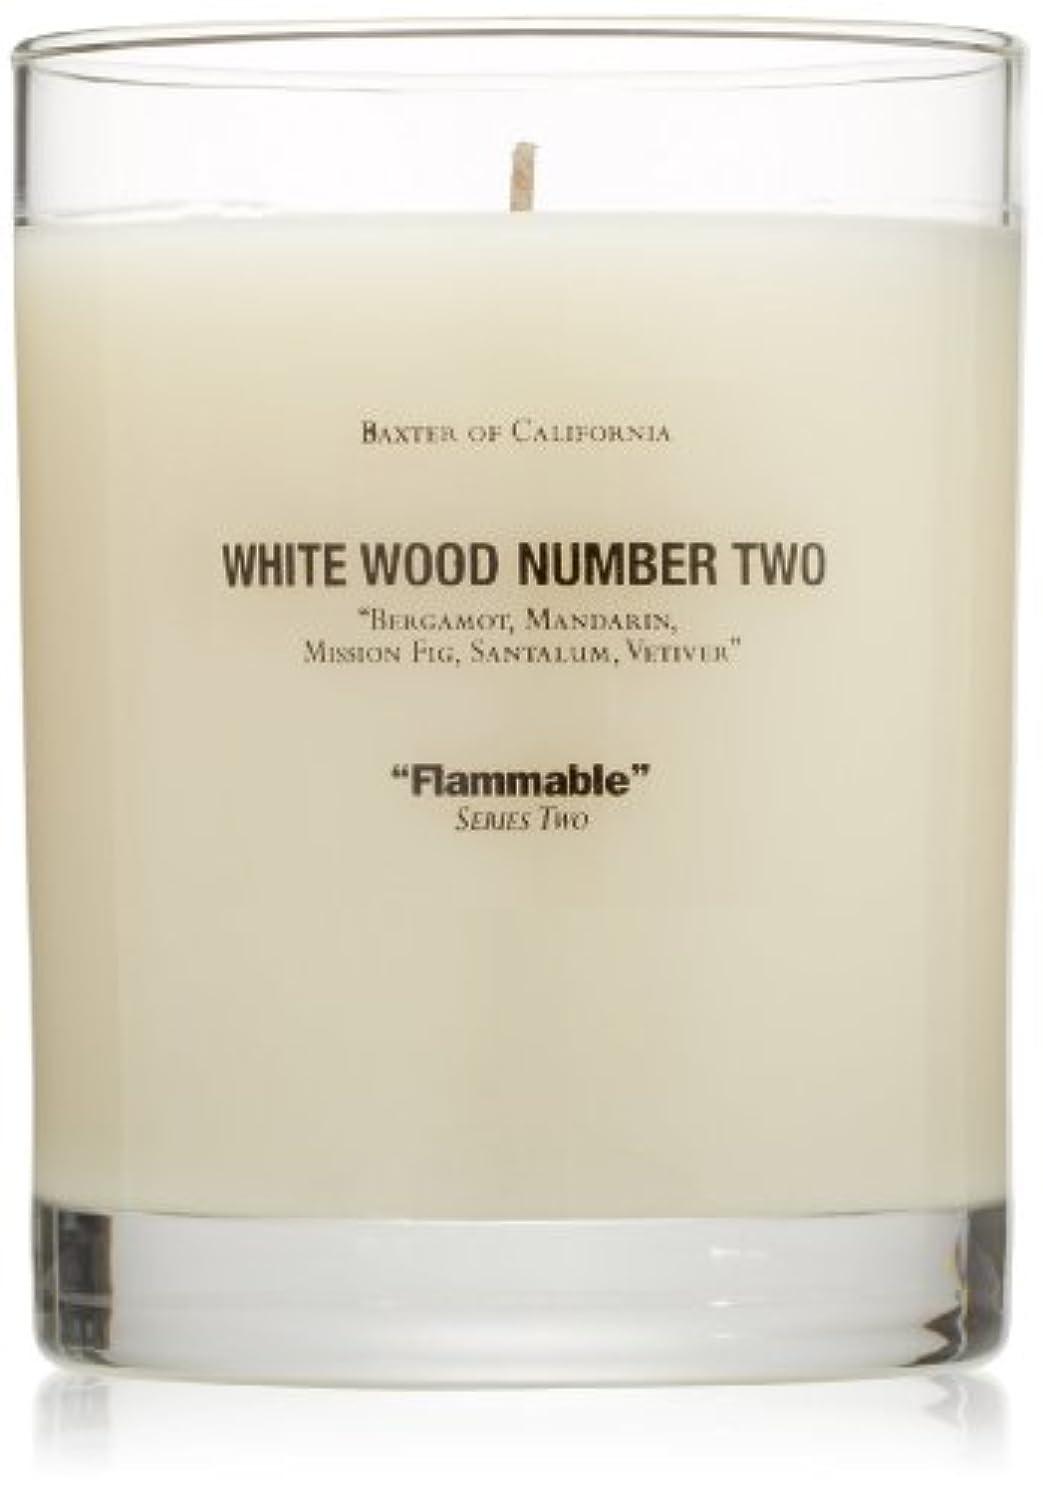 スタンド座標レザーBaxter OF CALIFORNIA(バクスター オブ カリフォルニア) ホワイトウッドキャンドルtwo 255g